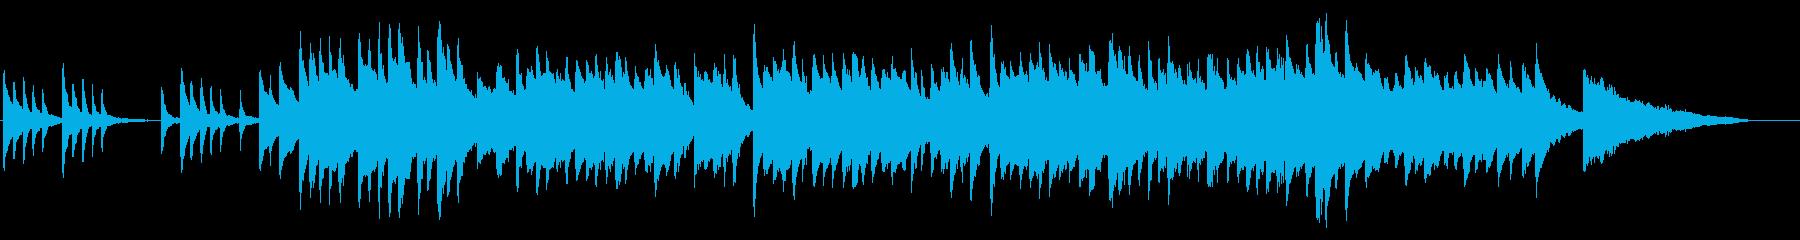 優しい感じのピアノバラードの再生済みの波形